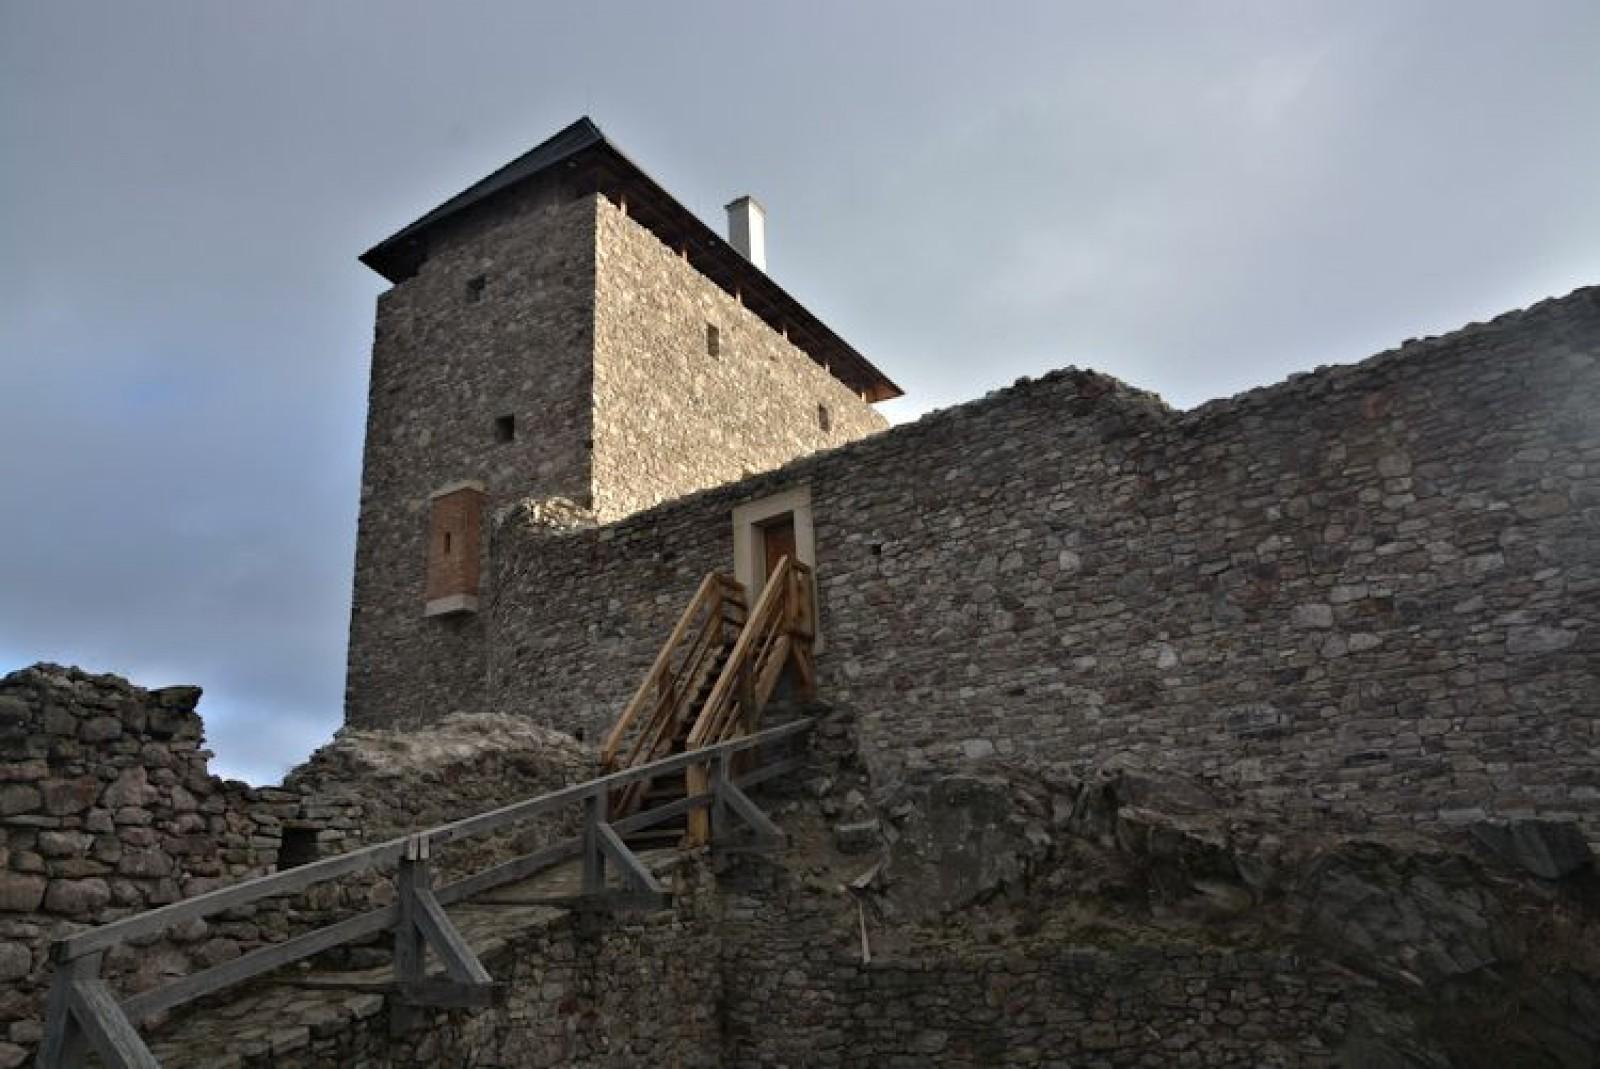 fe23b583b6 A jövőben további felújítások várhatók, így az alsóvár romjainak részleges  rekonstrukciója és további falak magasítása is szerepel a tervek között.